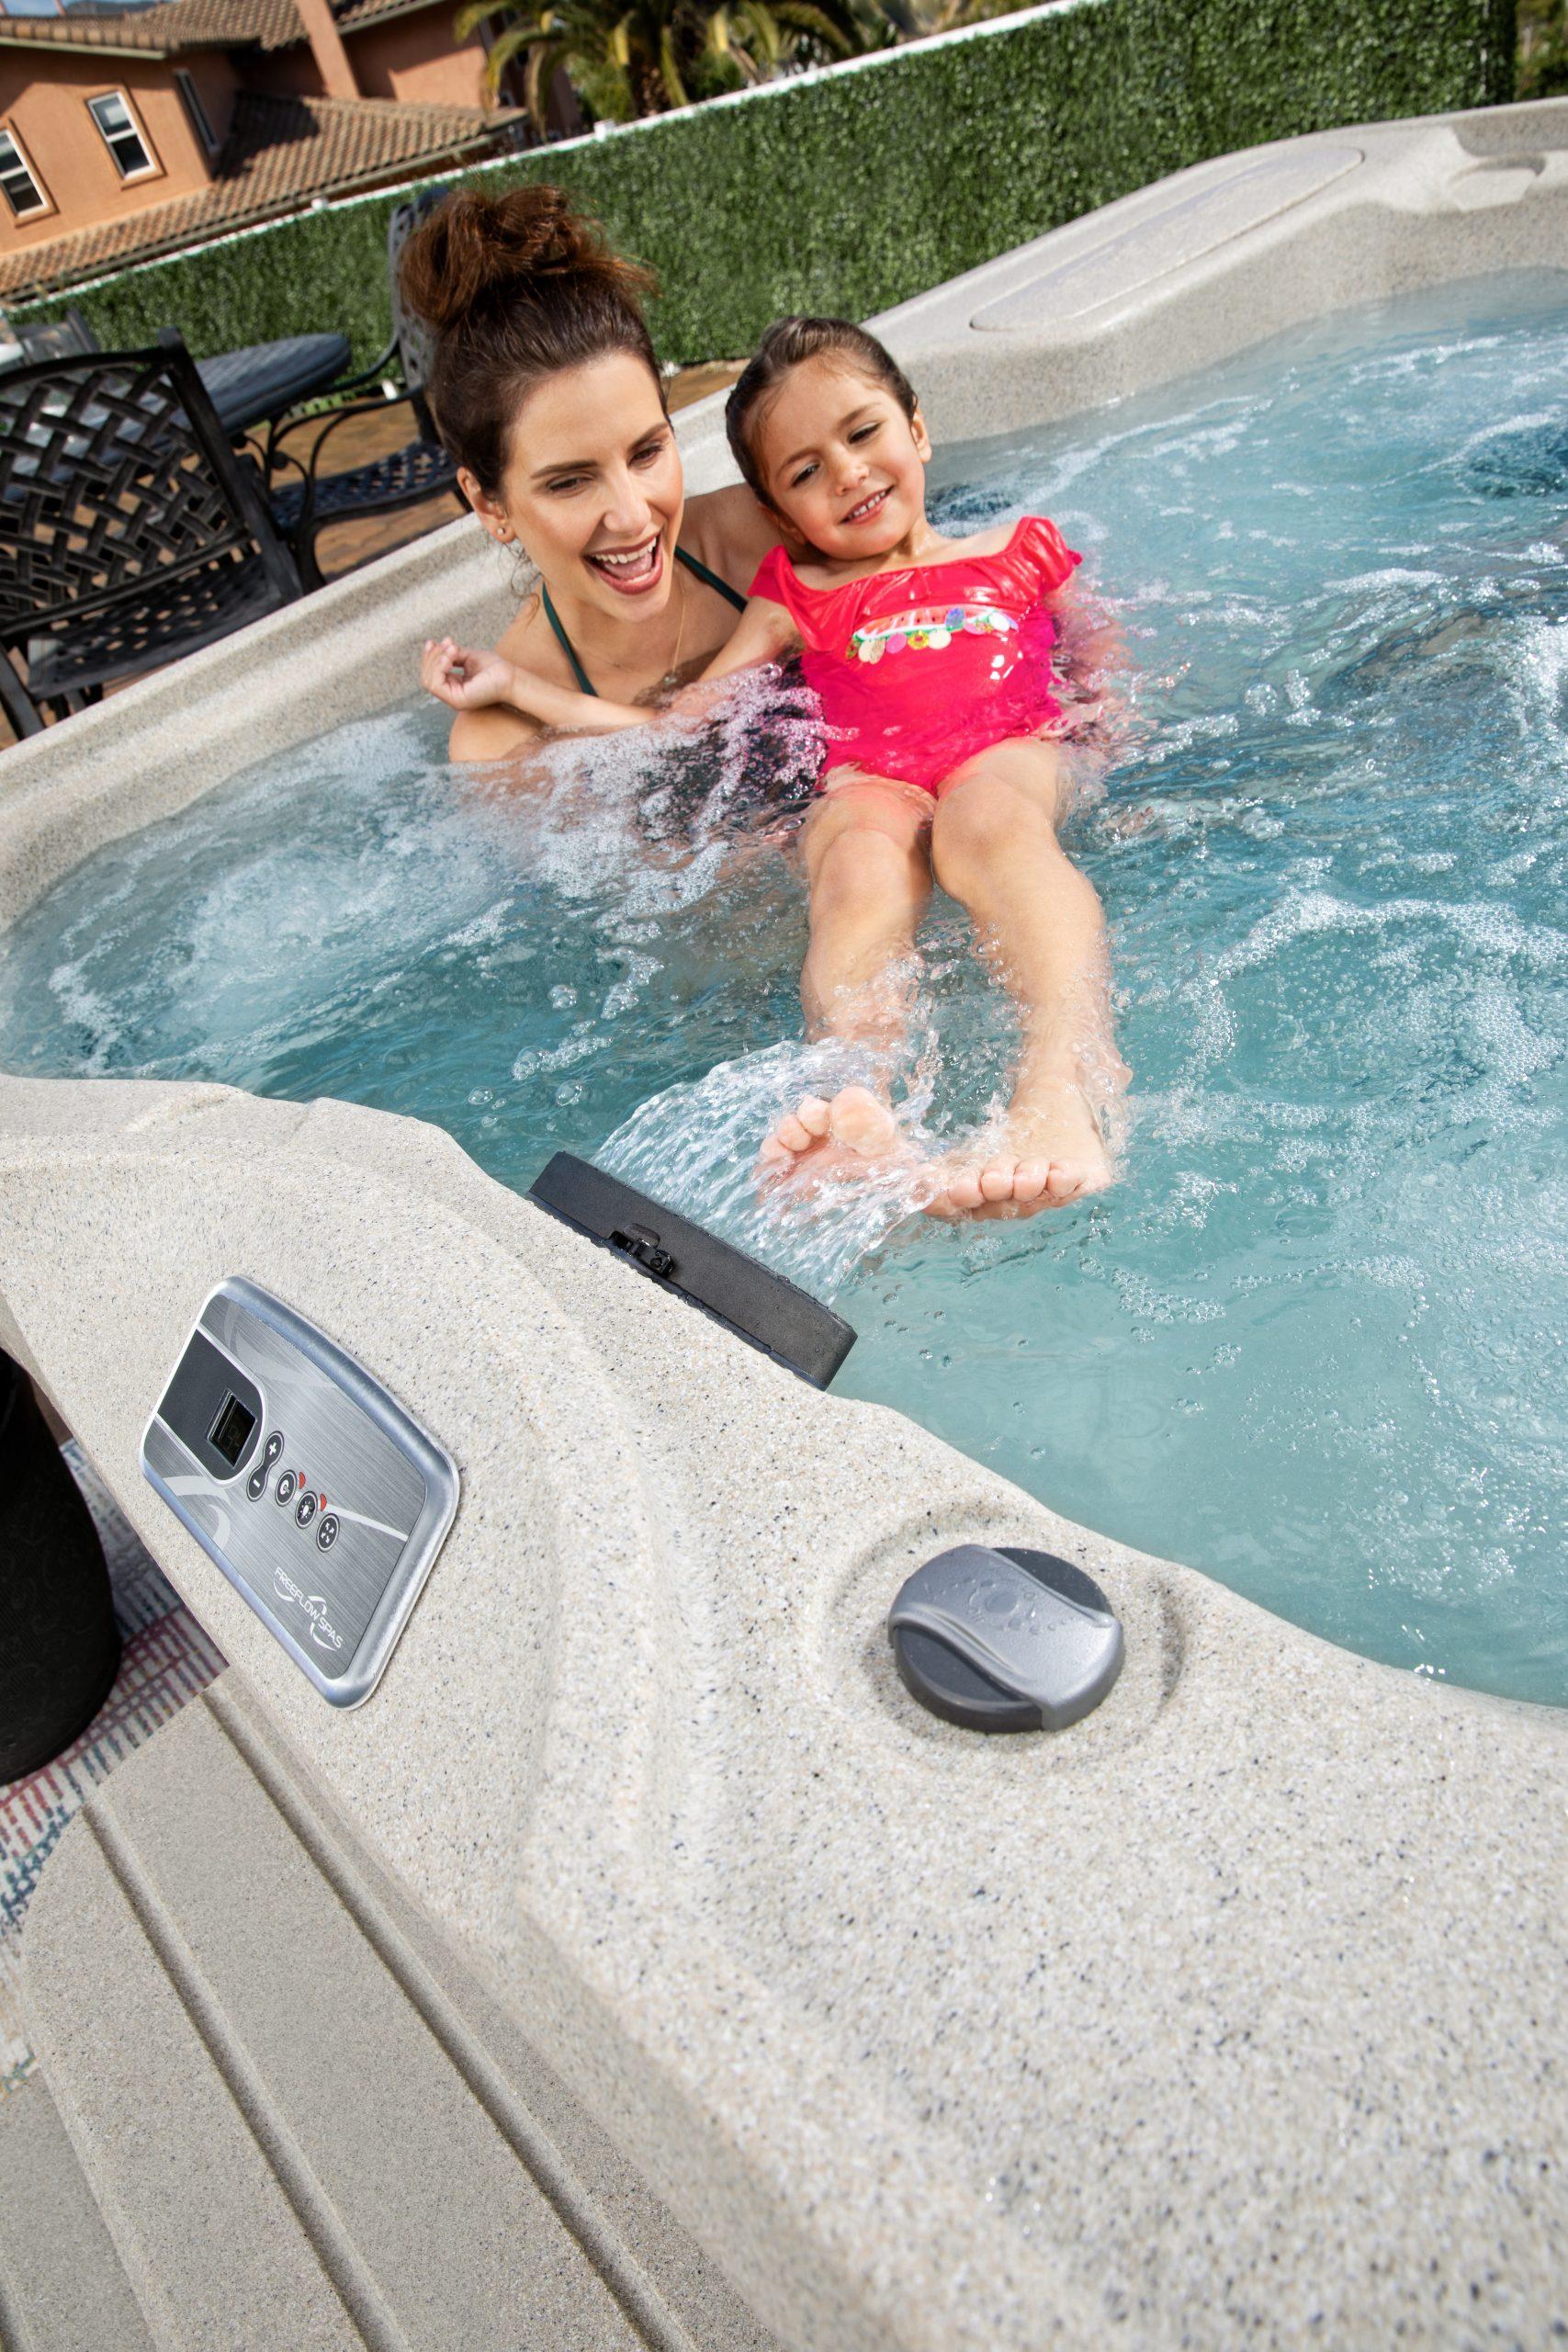 freeflow hot tub prices